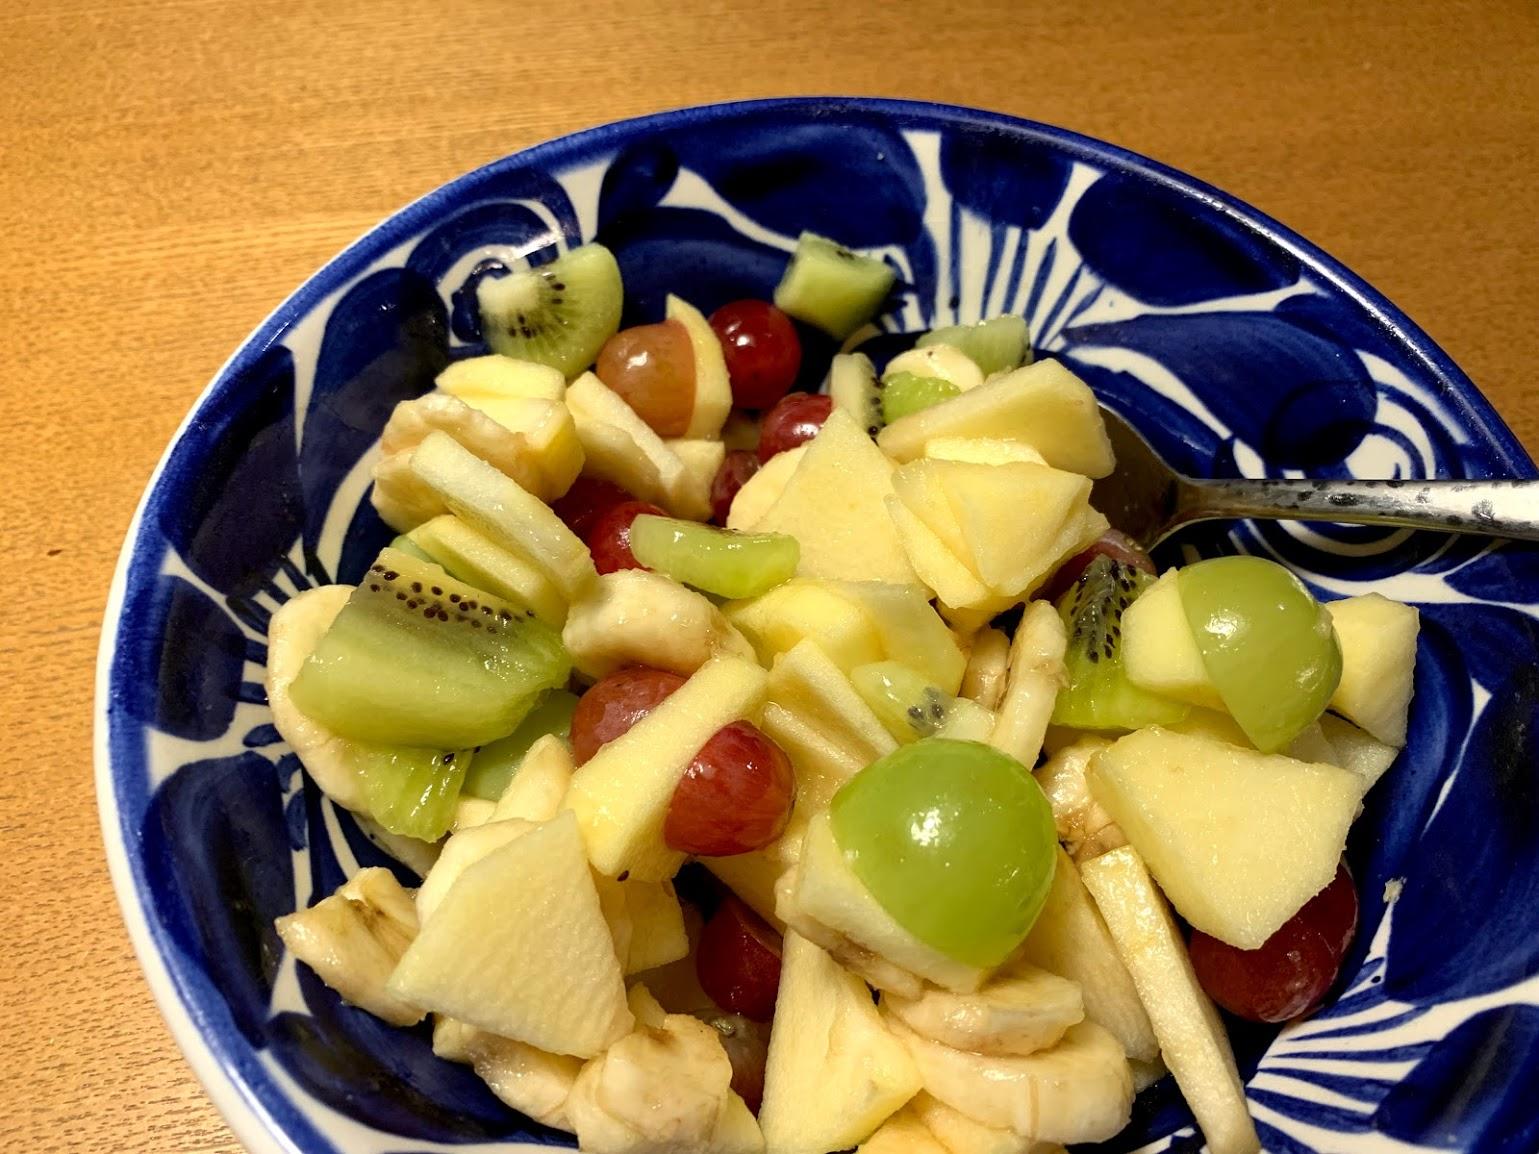 デザートもポルトガルスタイルにしてフルーツ・サラダを用意しました